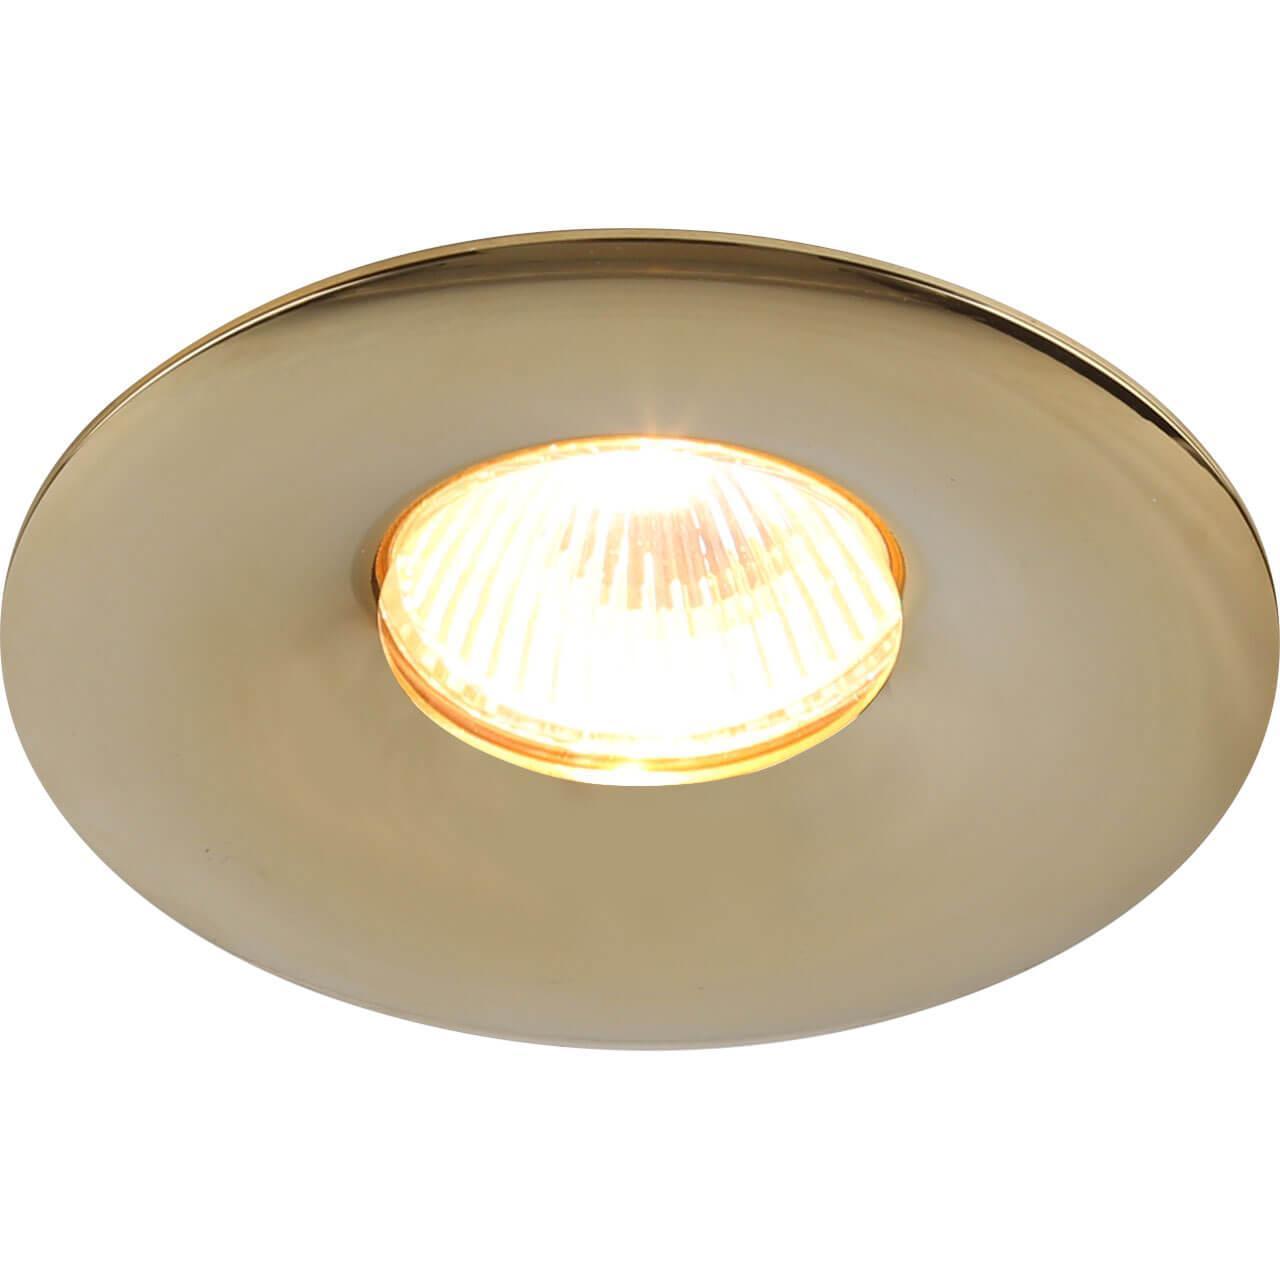 Встраиваемый светильник Divinare Sciuscia 1765/01 PL-1 встраиваемый светильник divinare sciuscia 1765 01 pl 1